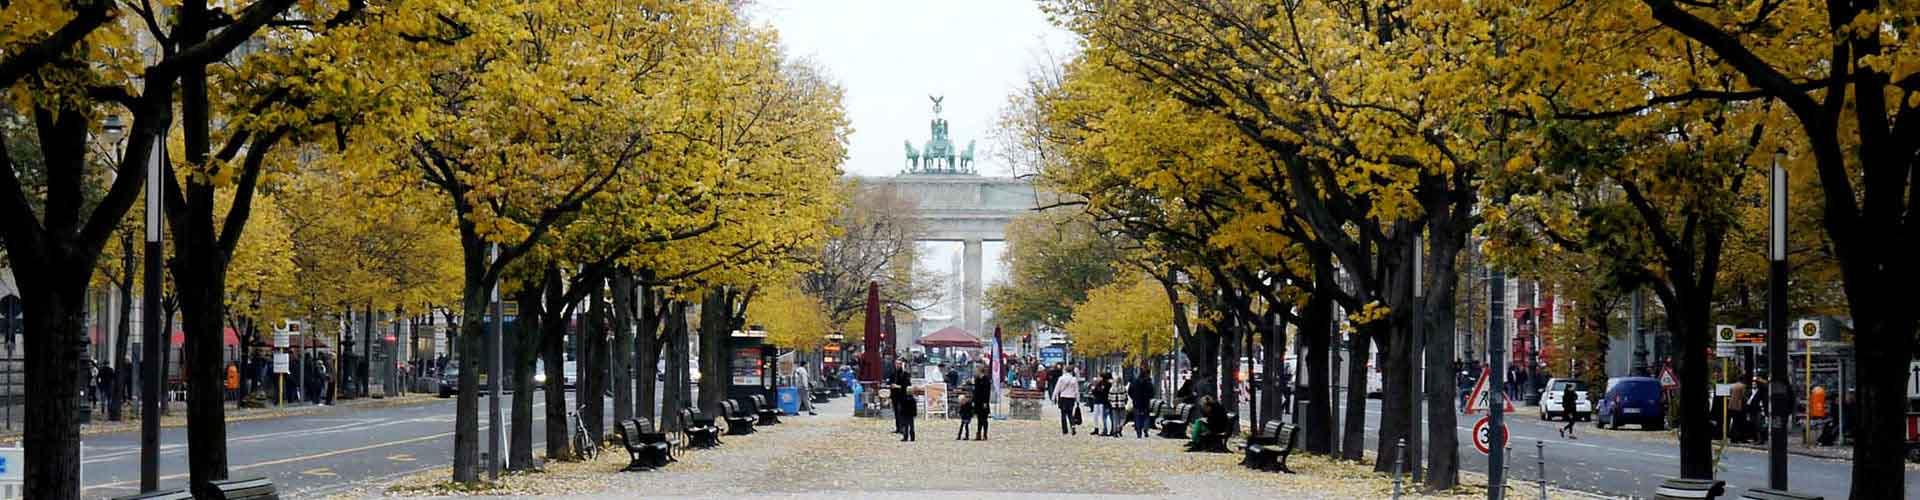 Berlin – Hostels in der Nähe von Unter den Linden. Berlin auf der Karte. Fotos und Bewertungen für jedes Hostel in Berlin.